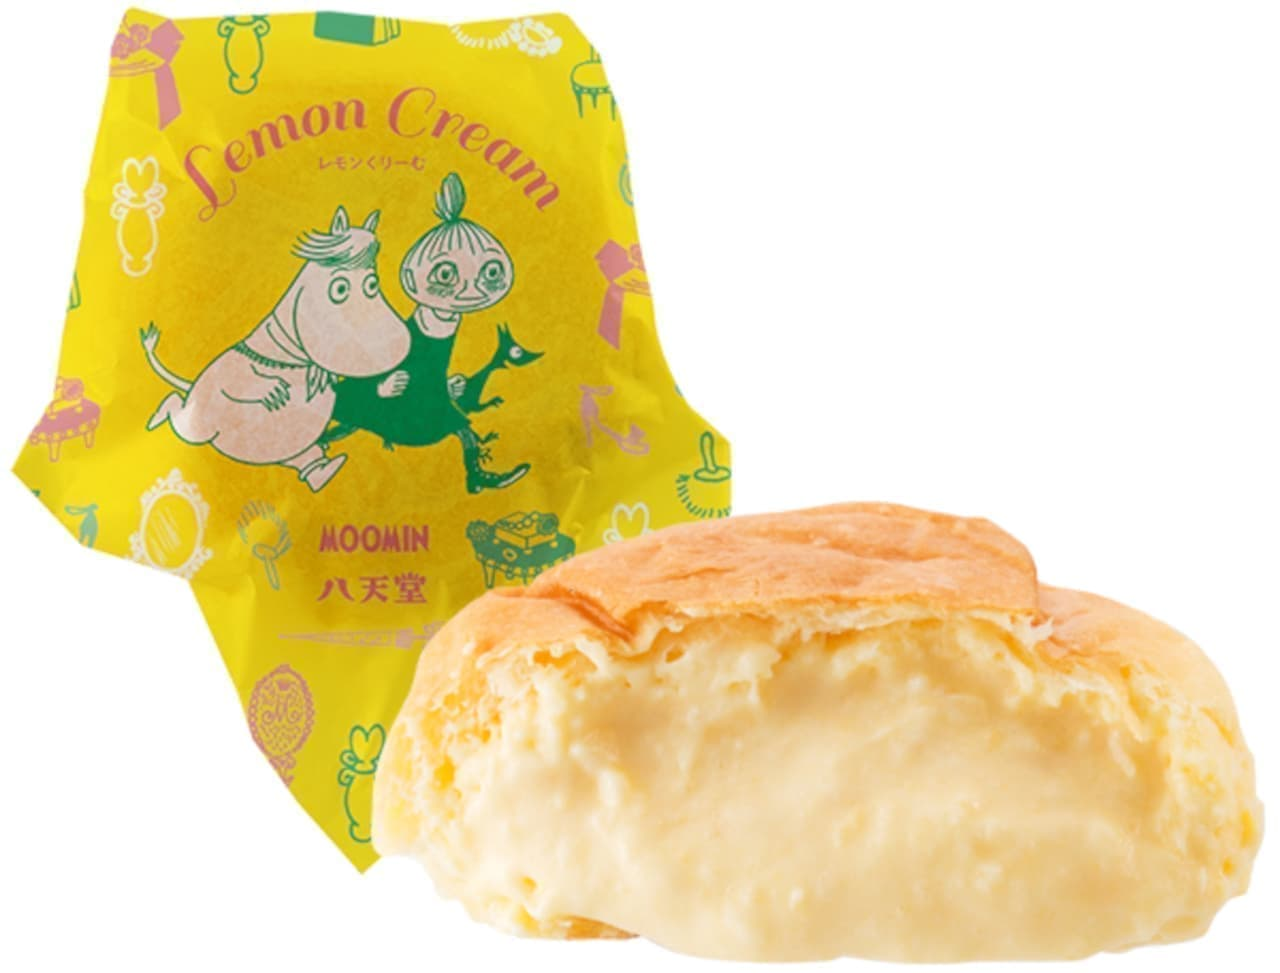 八天堂の「ムーミンコラボ 広島レモンくりーむパン」